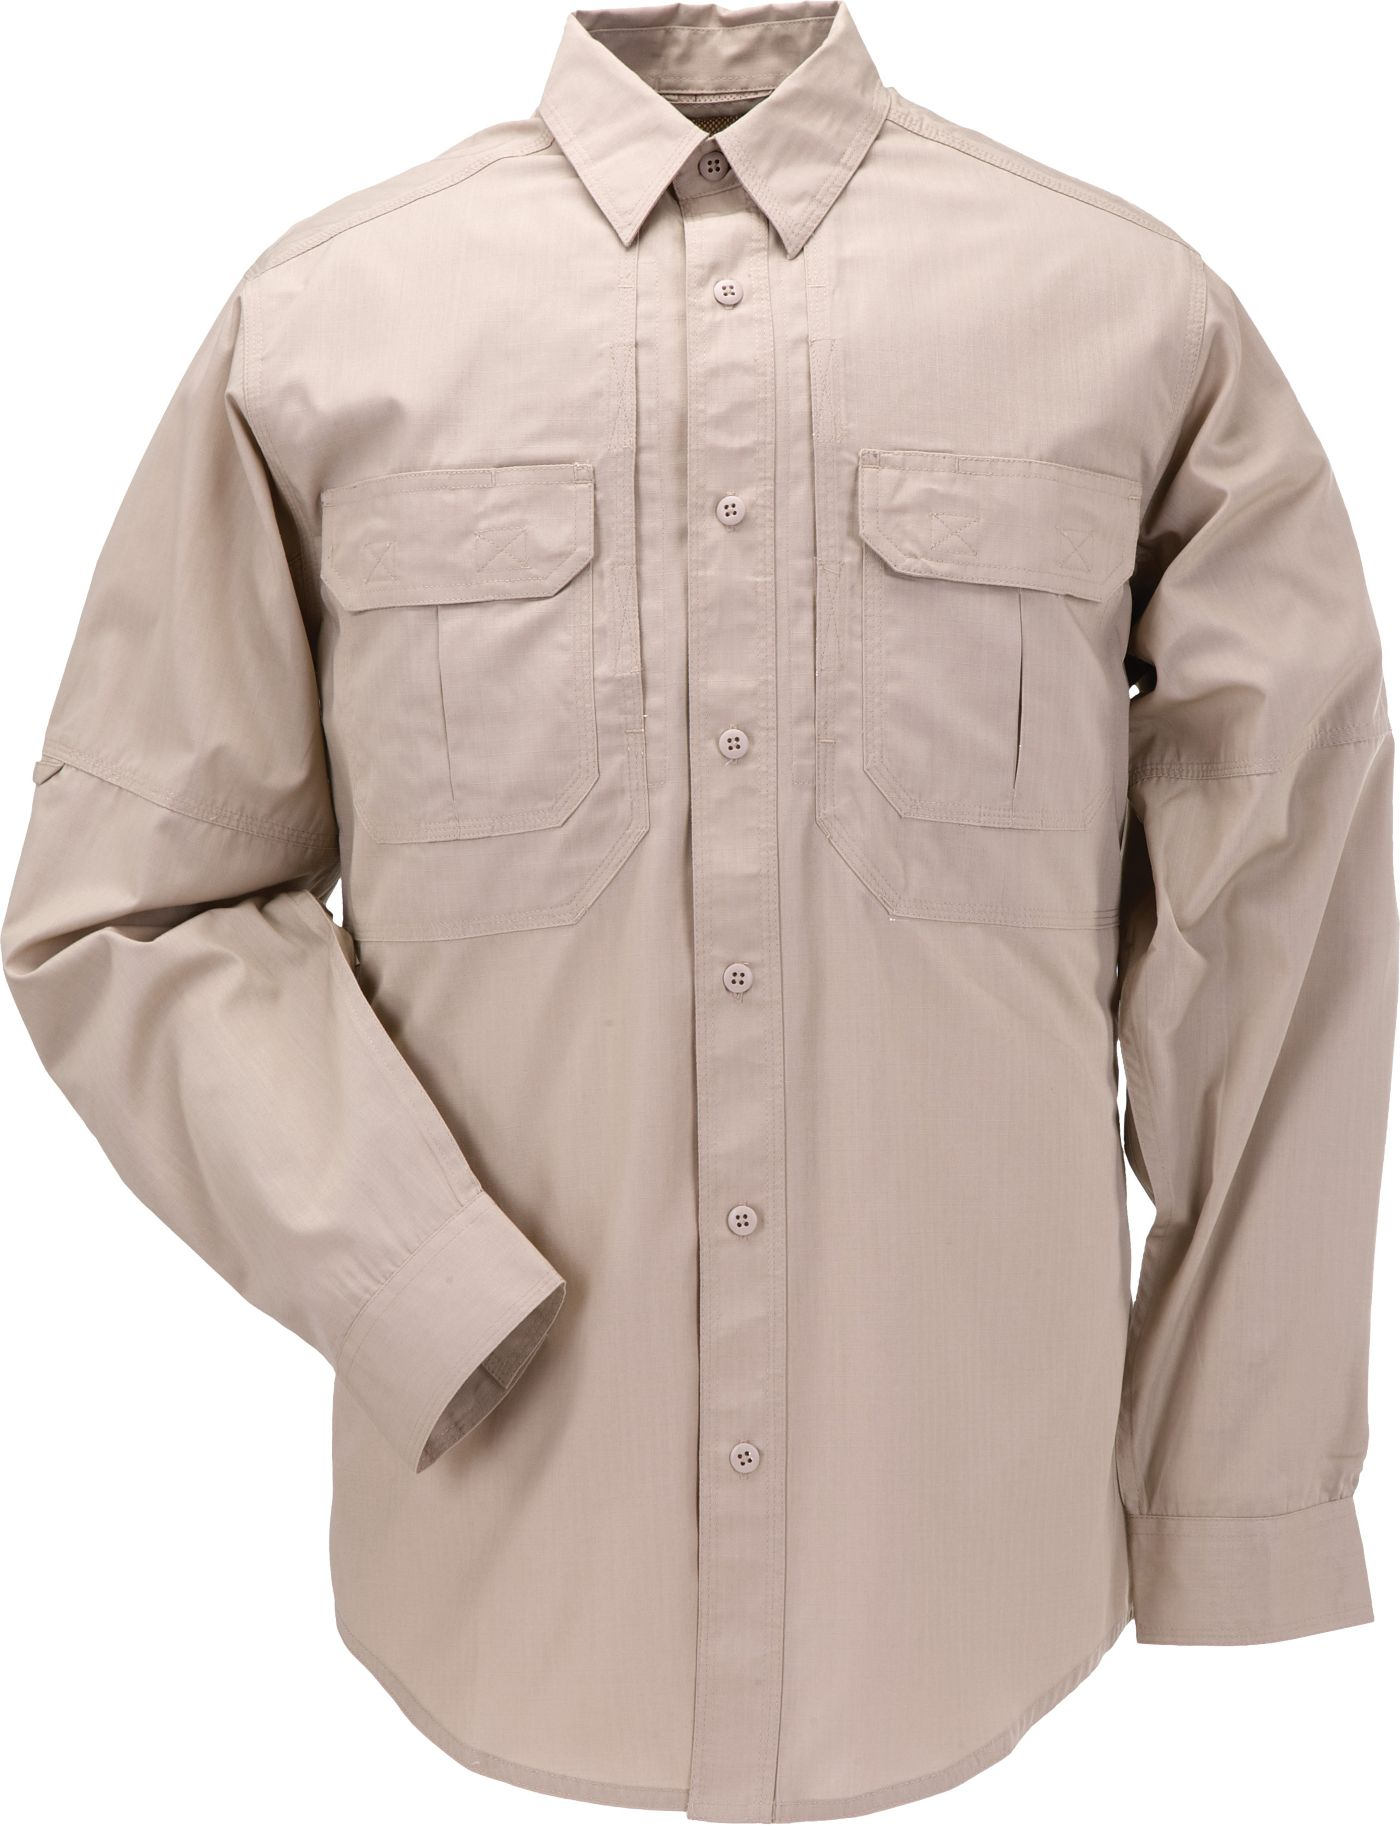 5.11 Tactical Men's Taclite Pro Long Sleeve Shirt